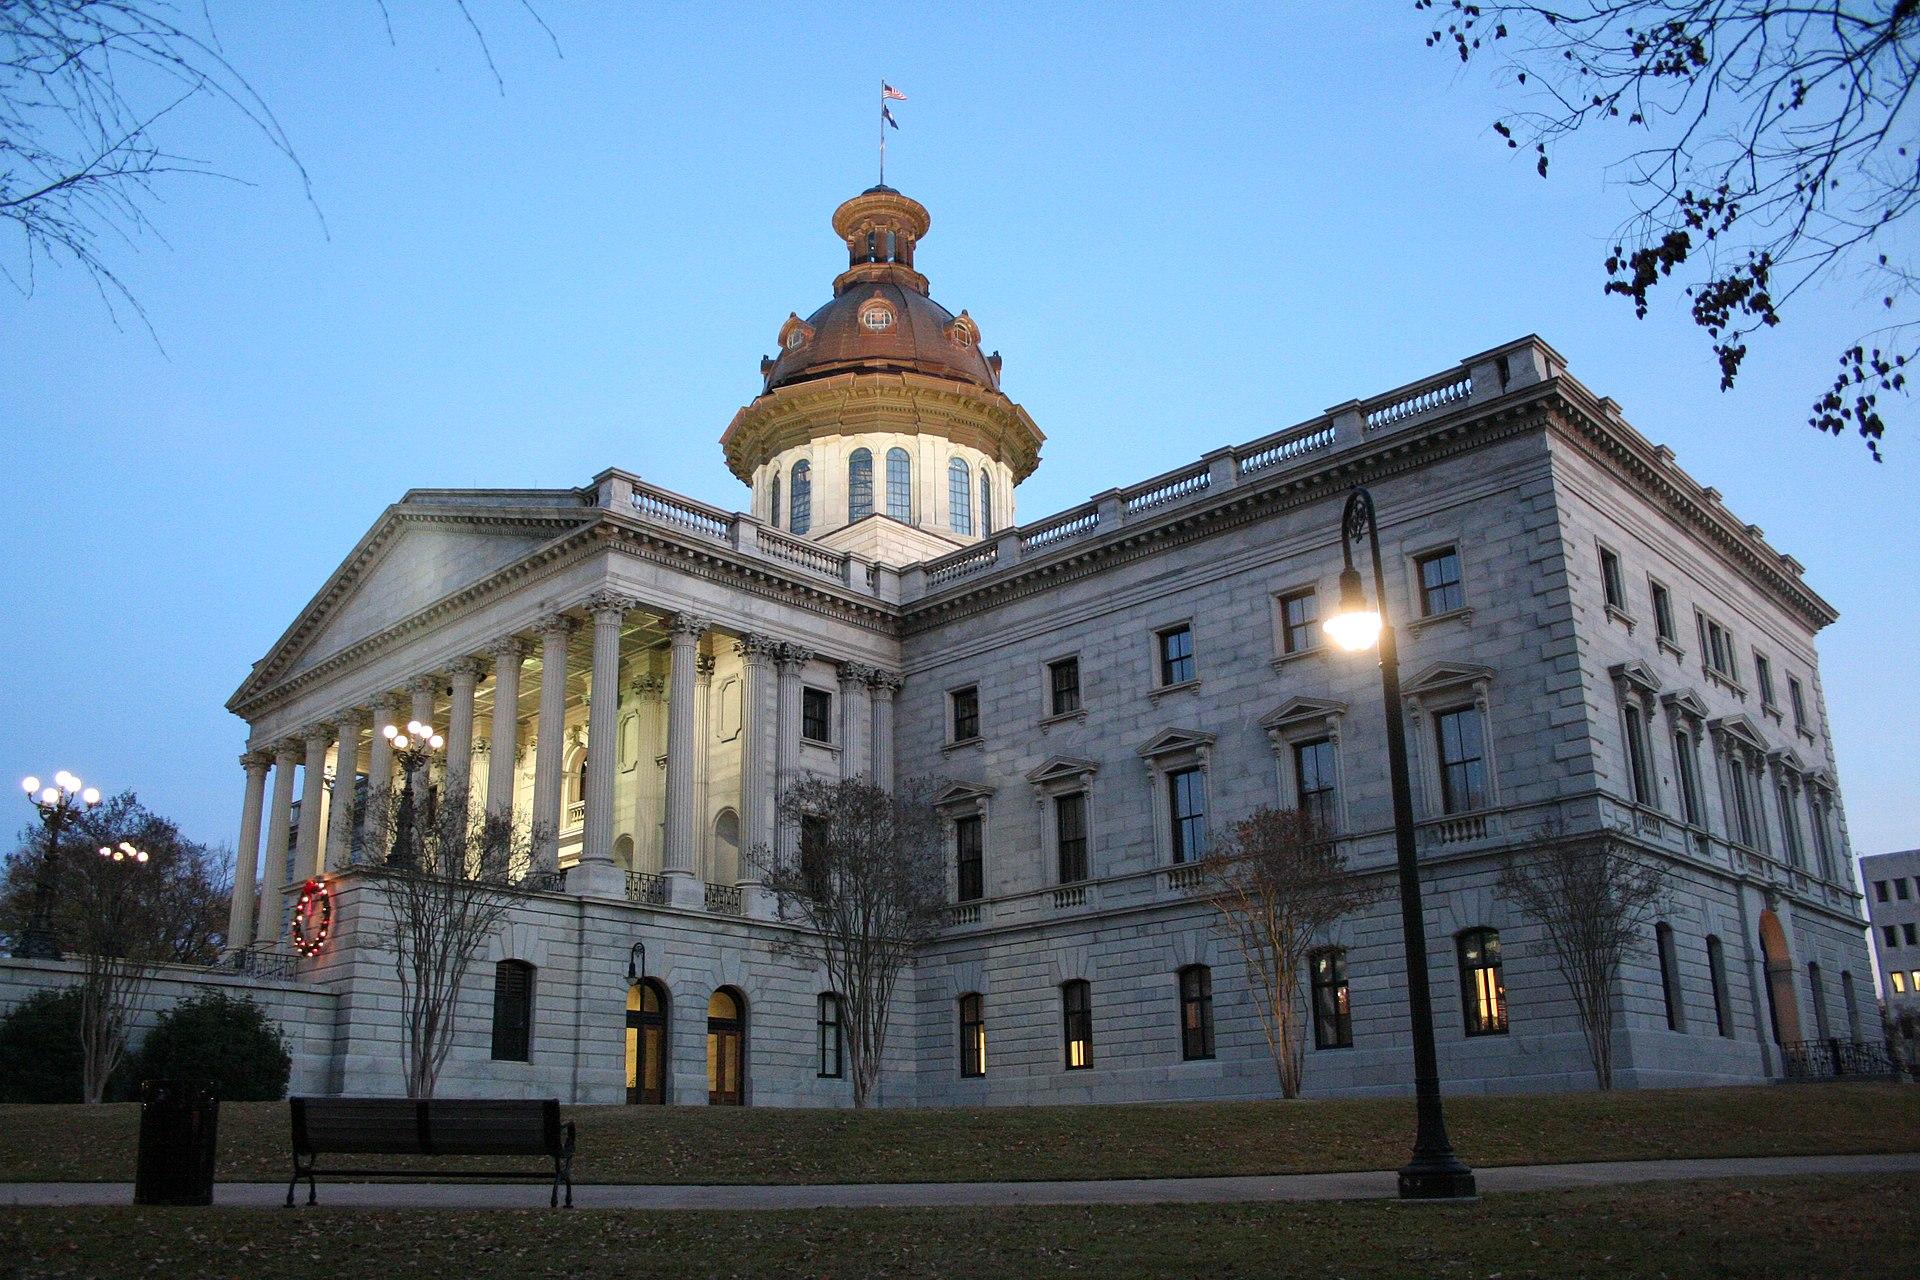 North Carolina Building Code Amendments